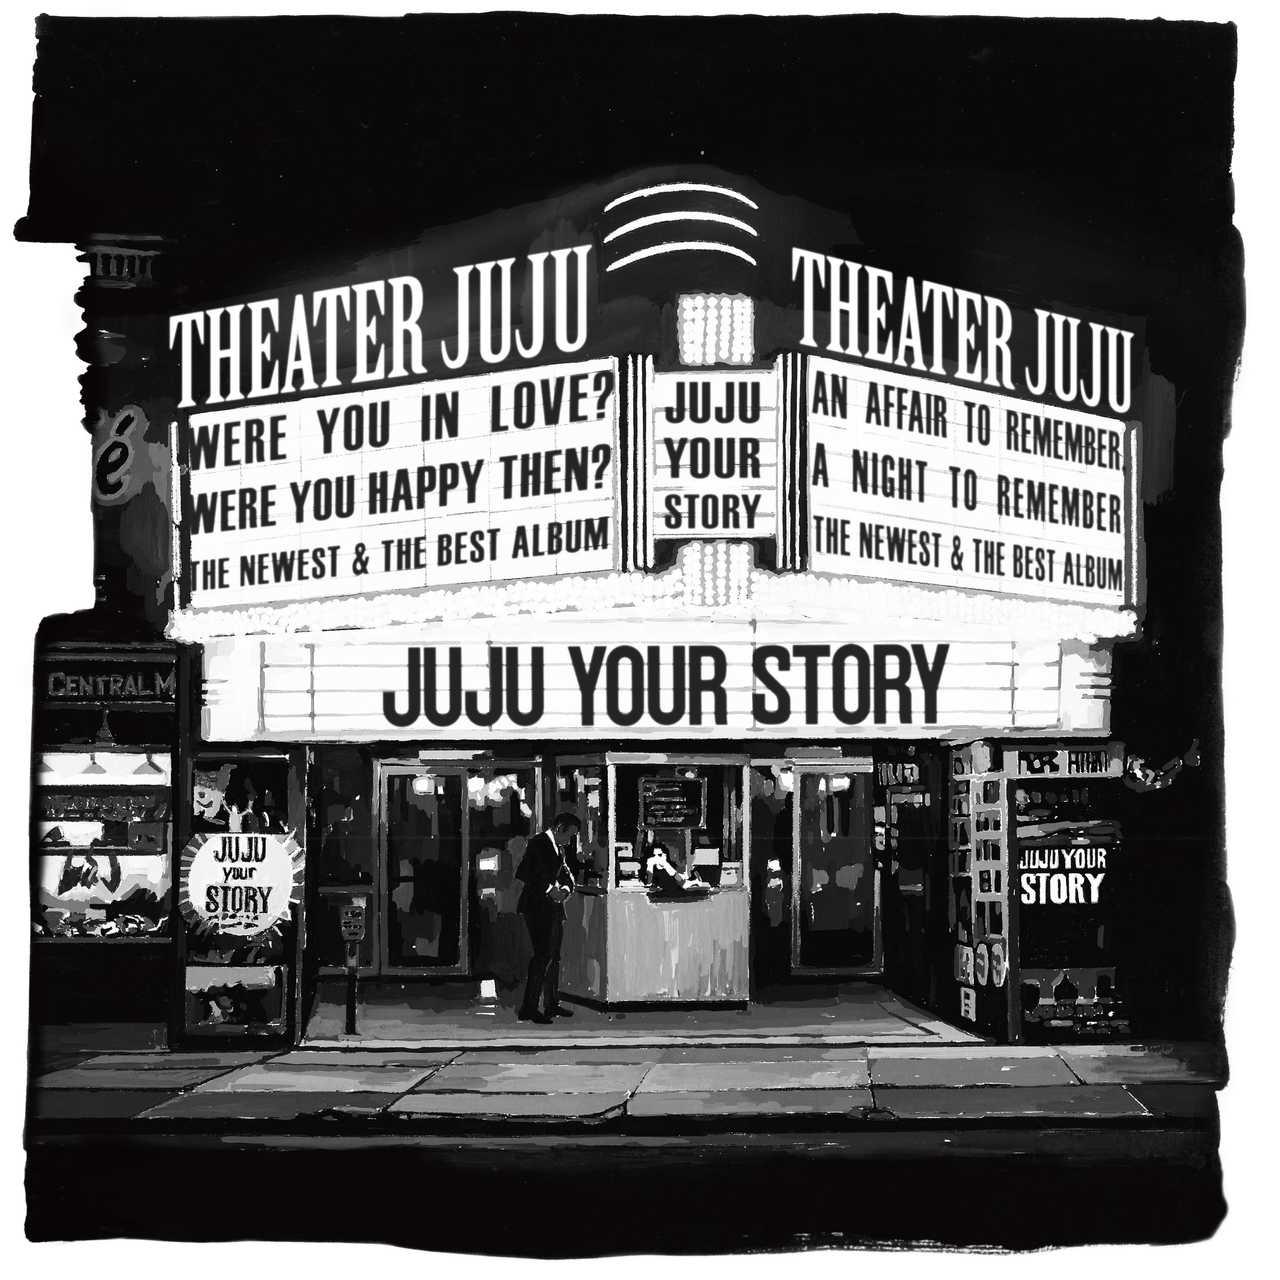 JUJU、4/8夜8時からライブスペシャル特番をYouTubeにて4夜連続無料配信